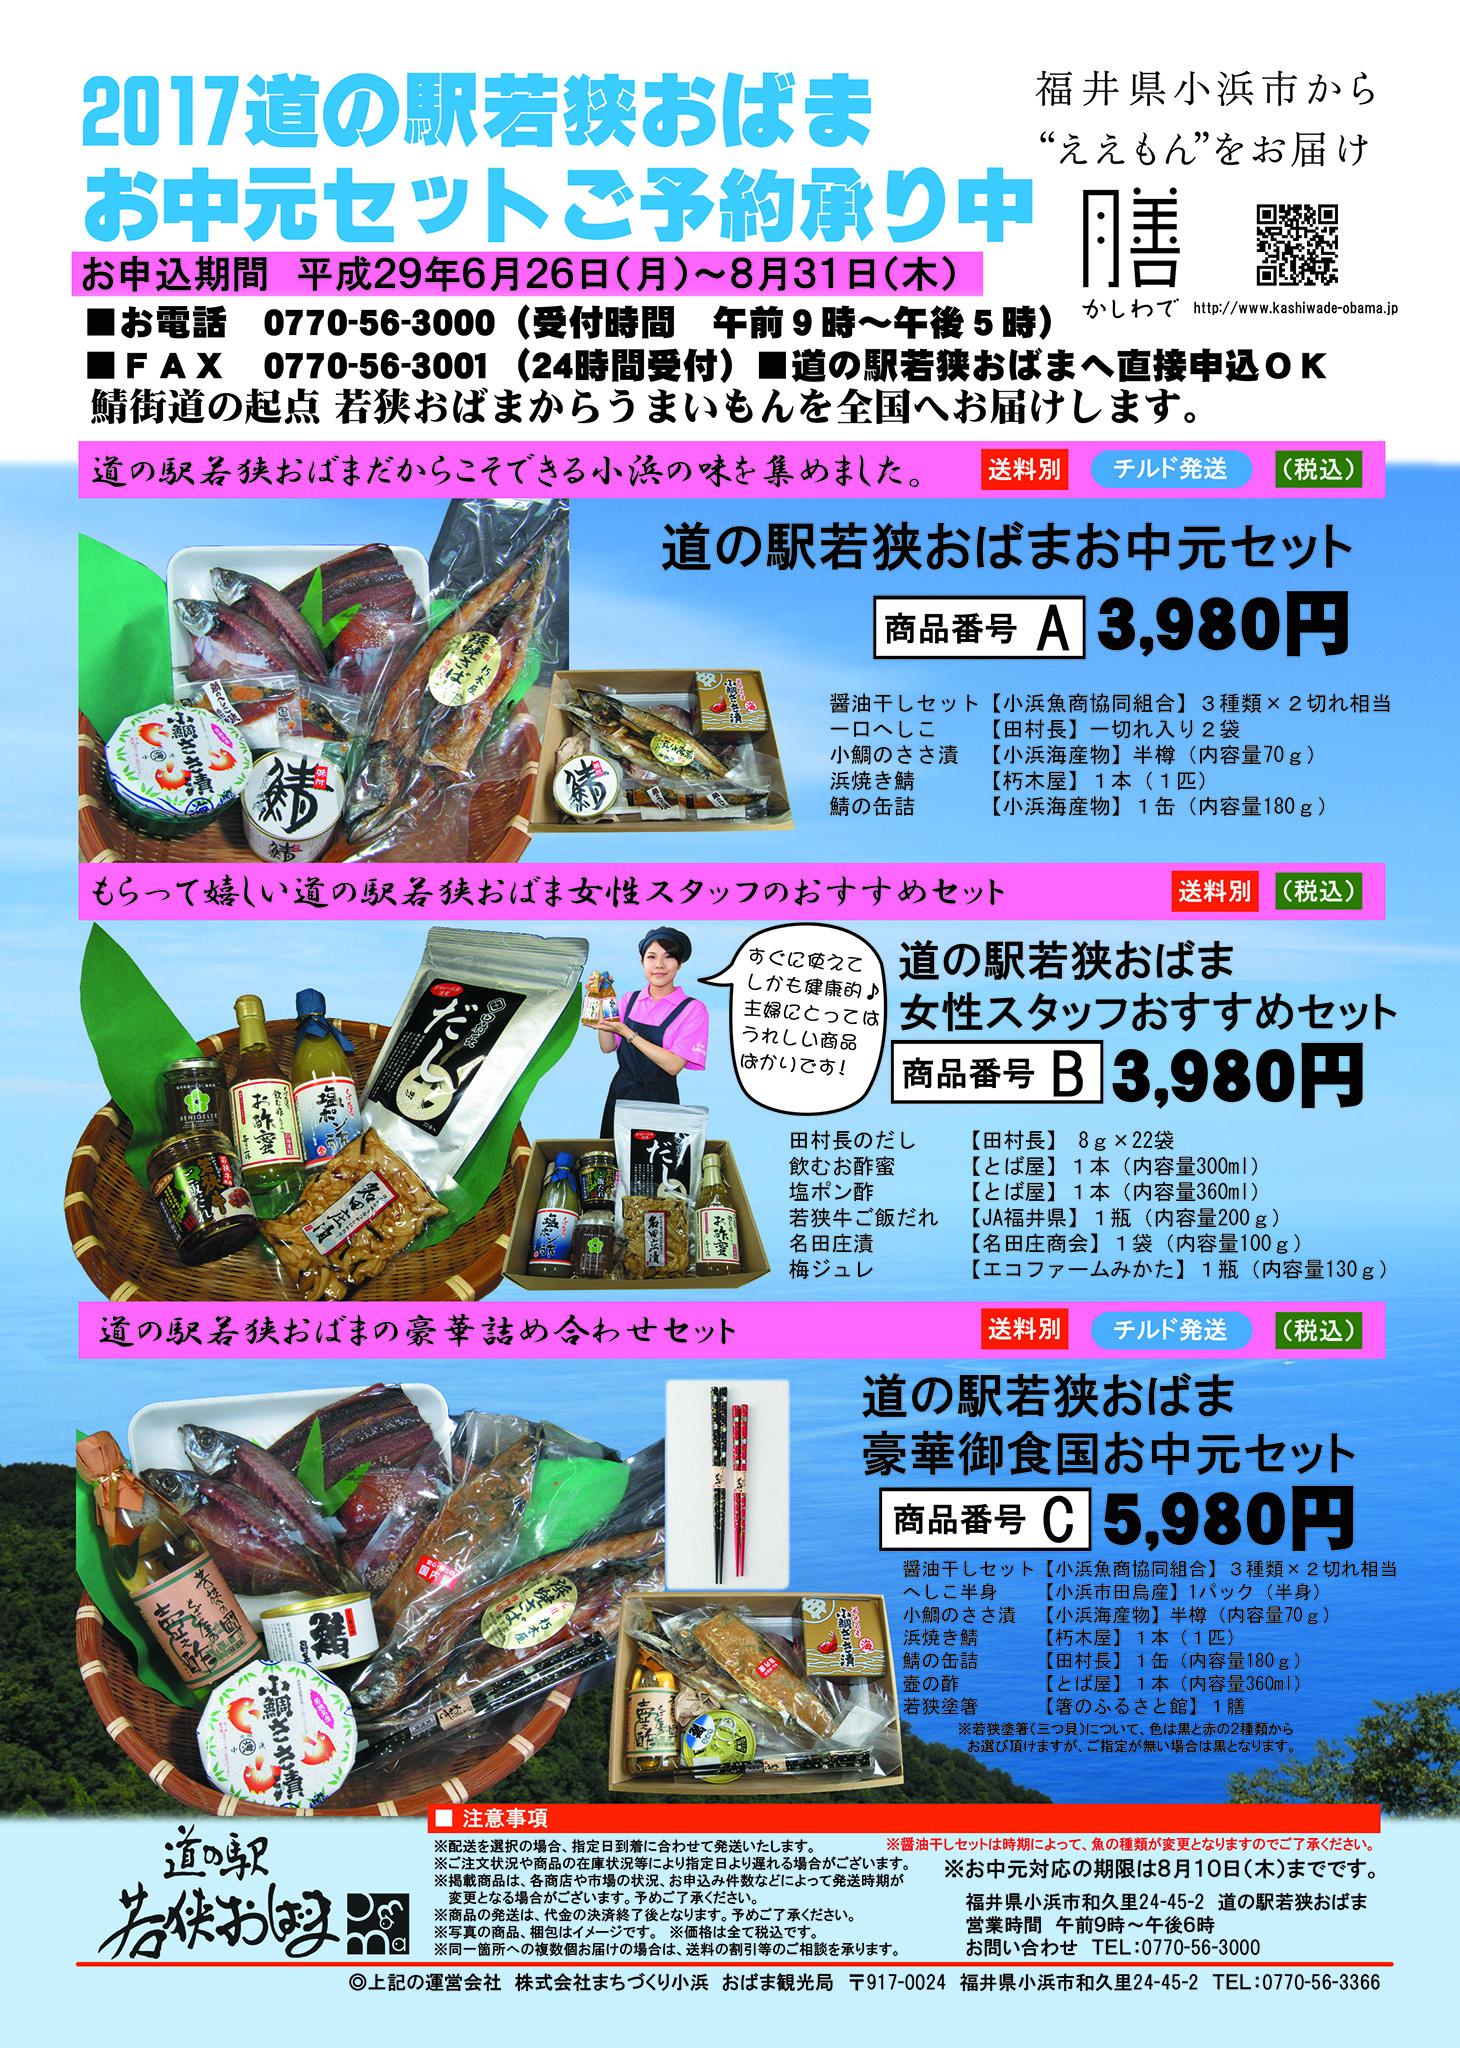 道の駅お中元チラシ(フェイスブック投稿用)